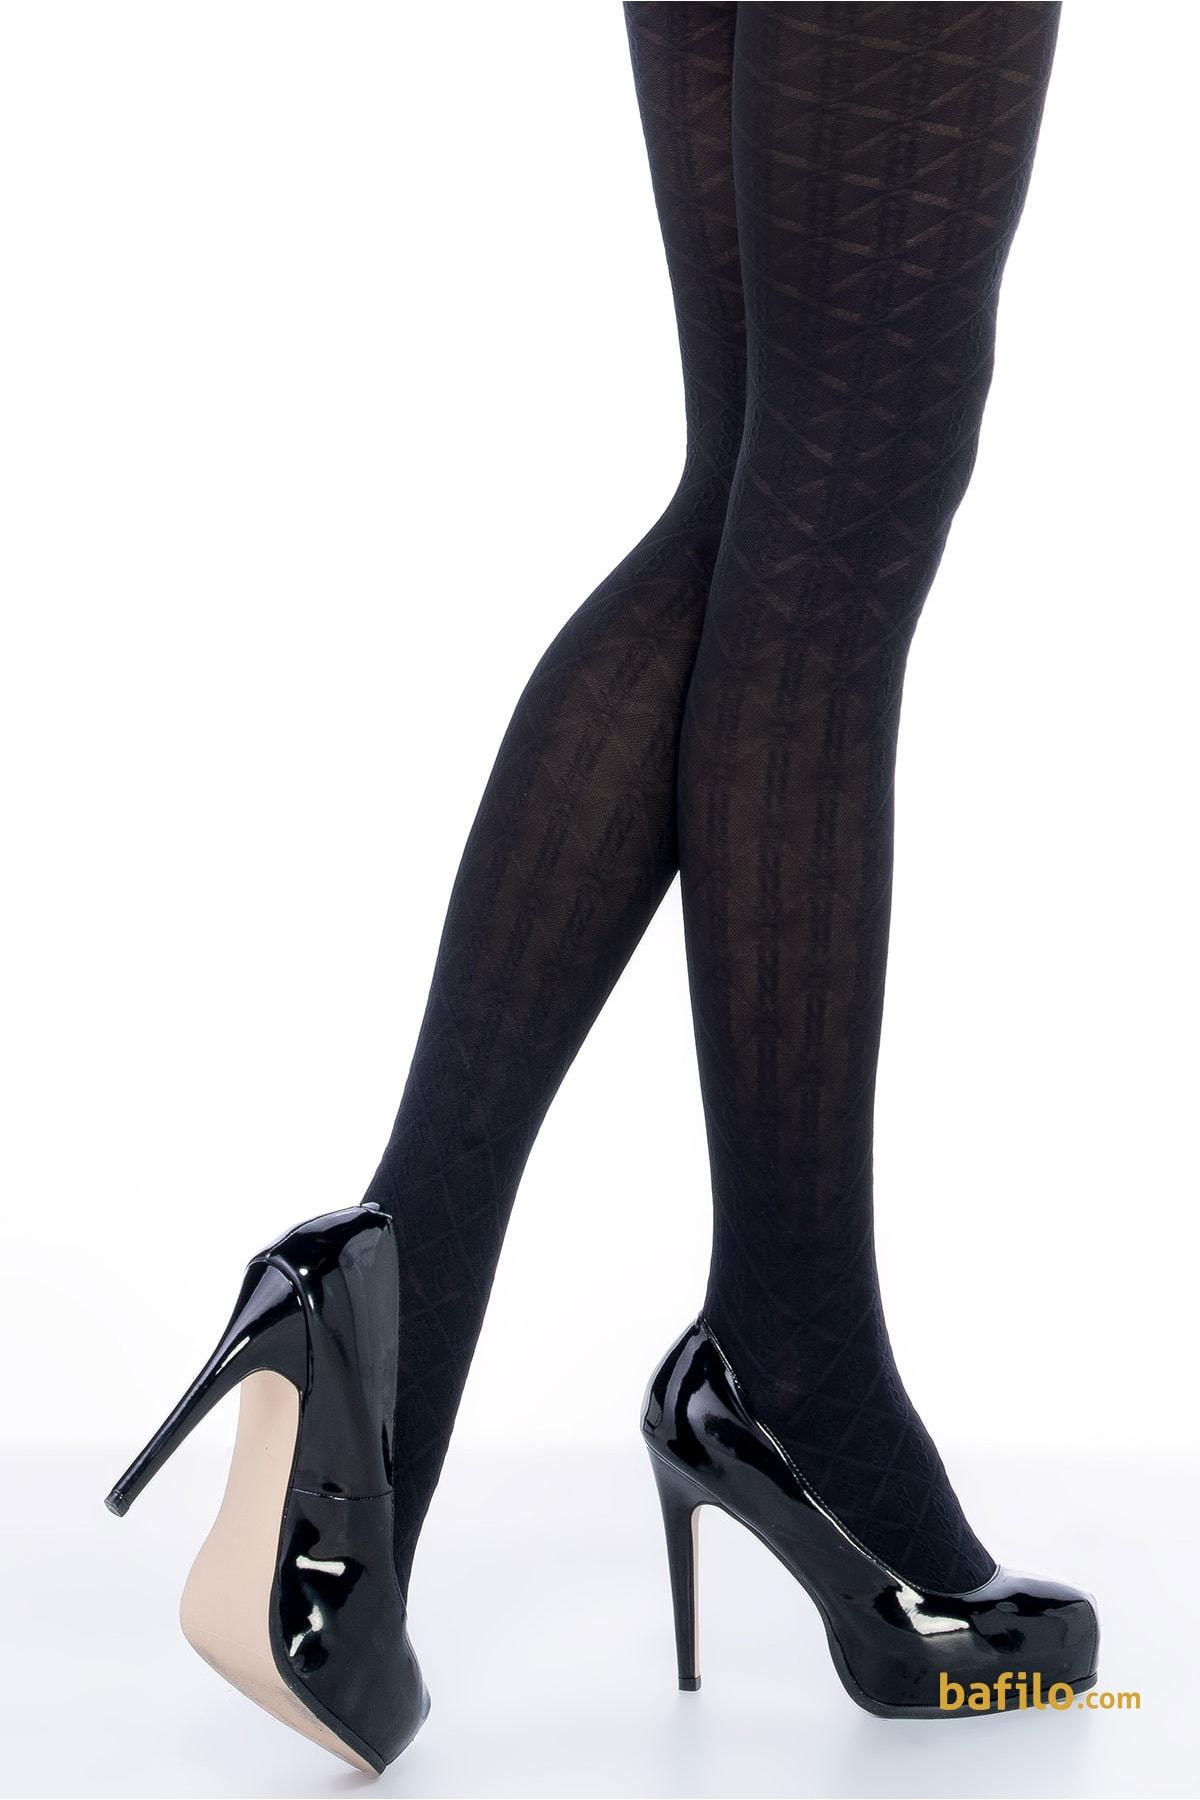 پنتی | Penti - جوراب شلواری طرح دار زنانه پنتی  Lola مشکی